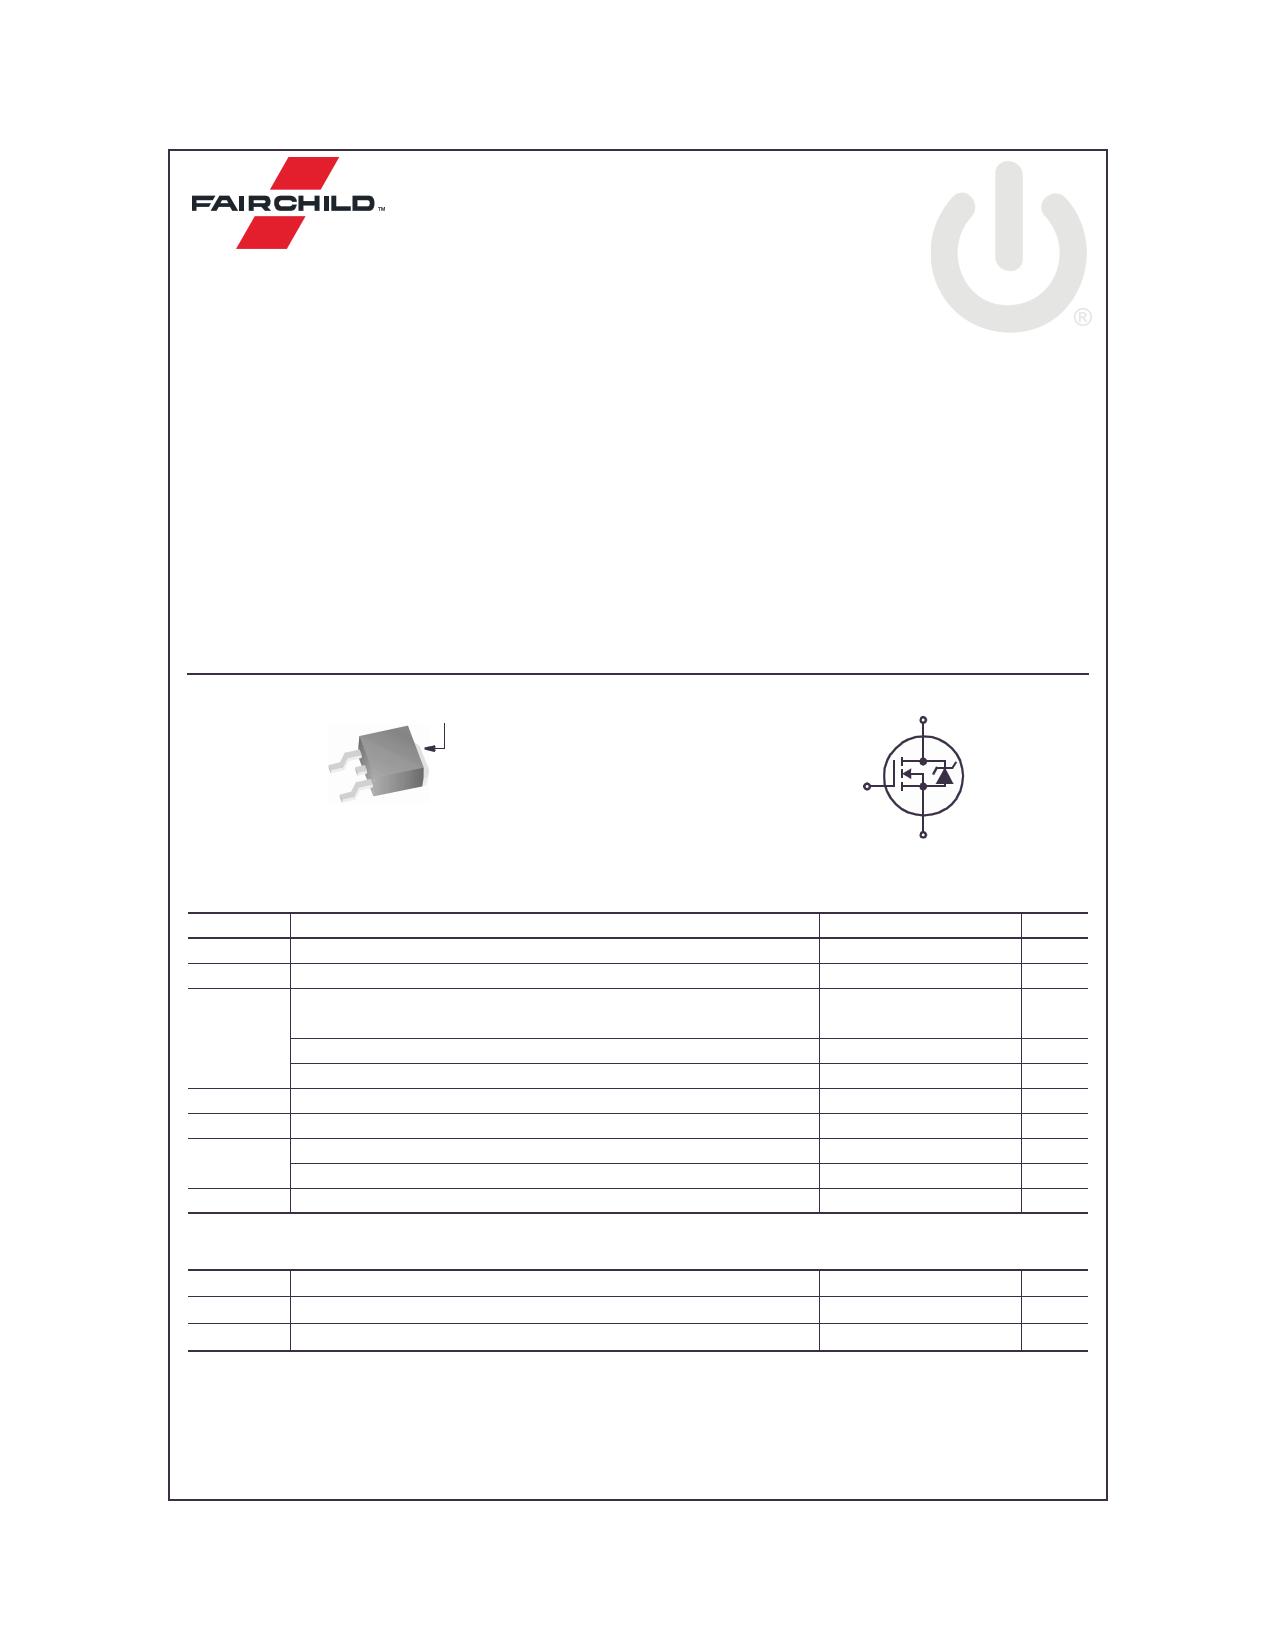 FDD2582 데이터시트 및 FDD2582 PDF